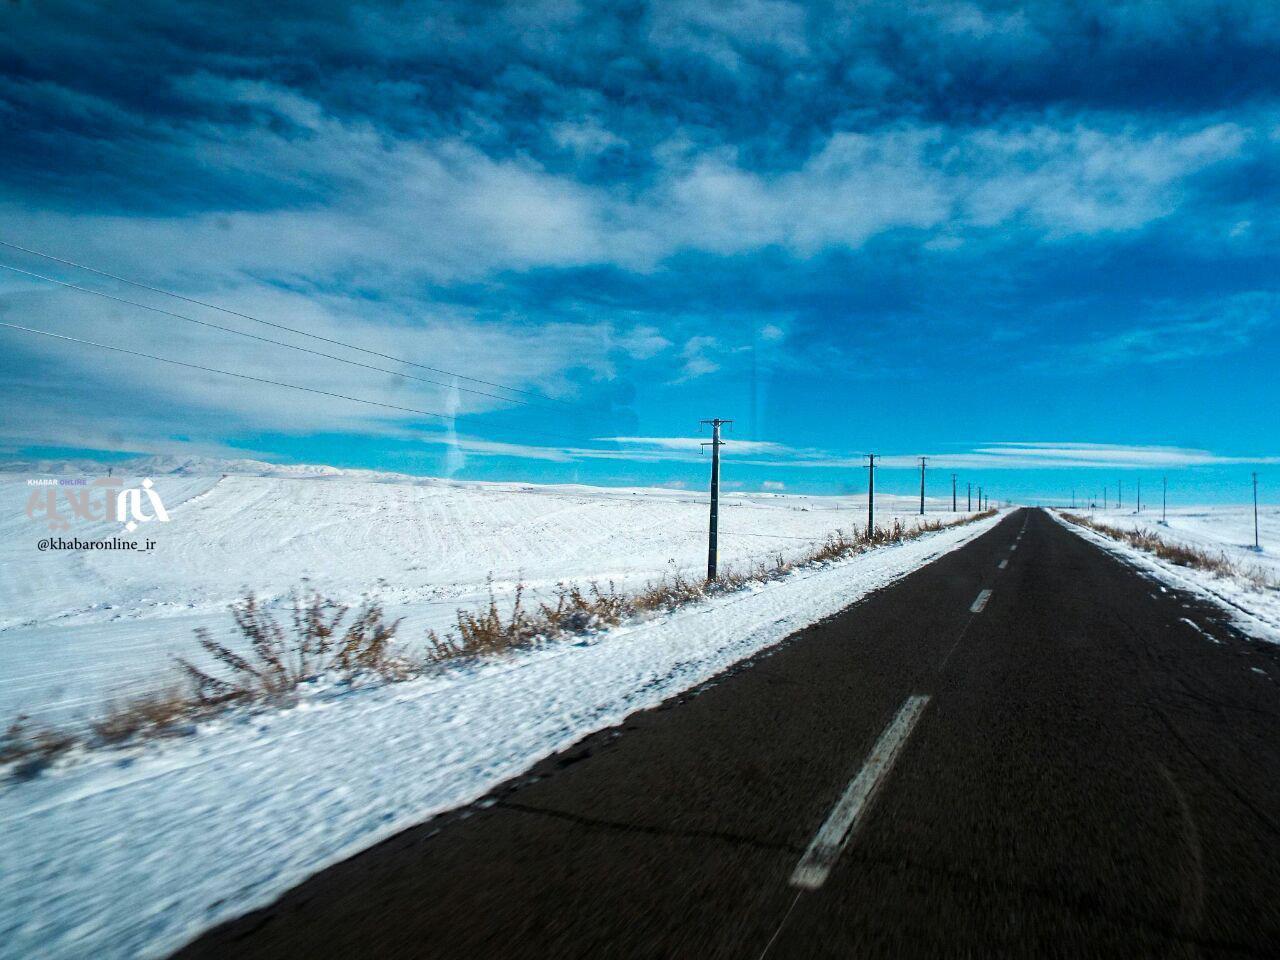 تصویری زیبا از جاده برفی میانه به هشترود